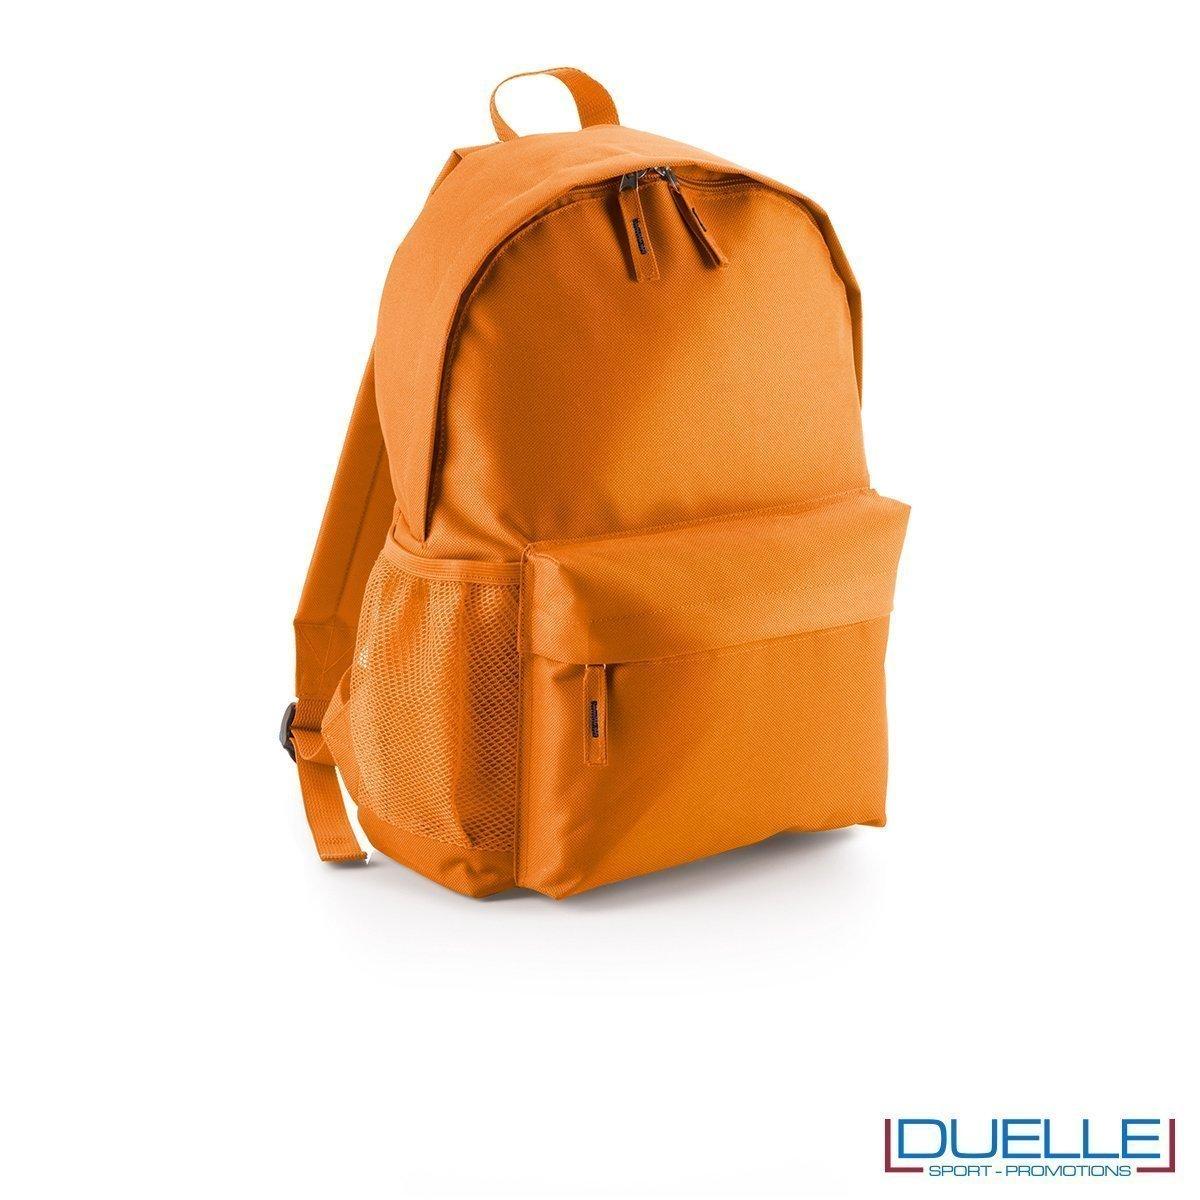 zaino personalizzato arancione, gadget promozionale sport e tempo libero